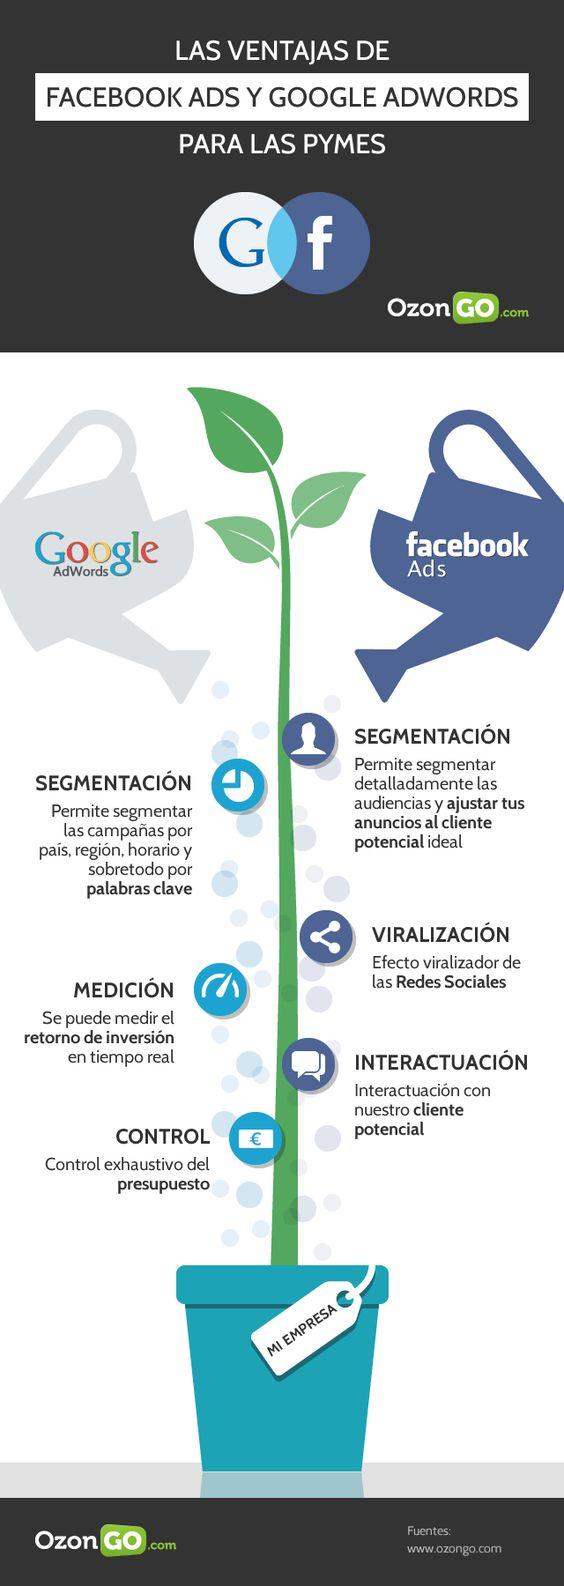 Facebook Ads y Google Adwords